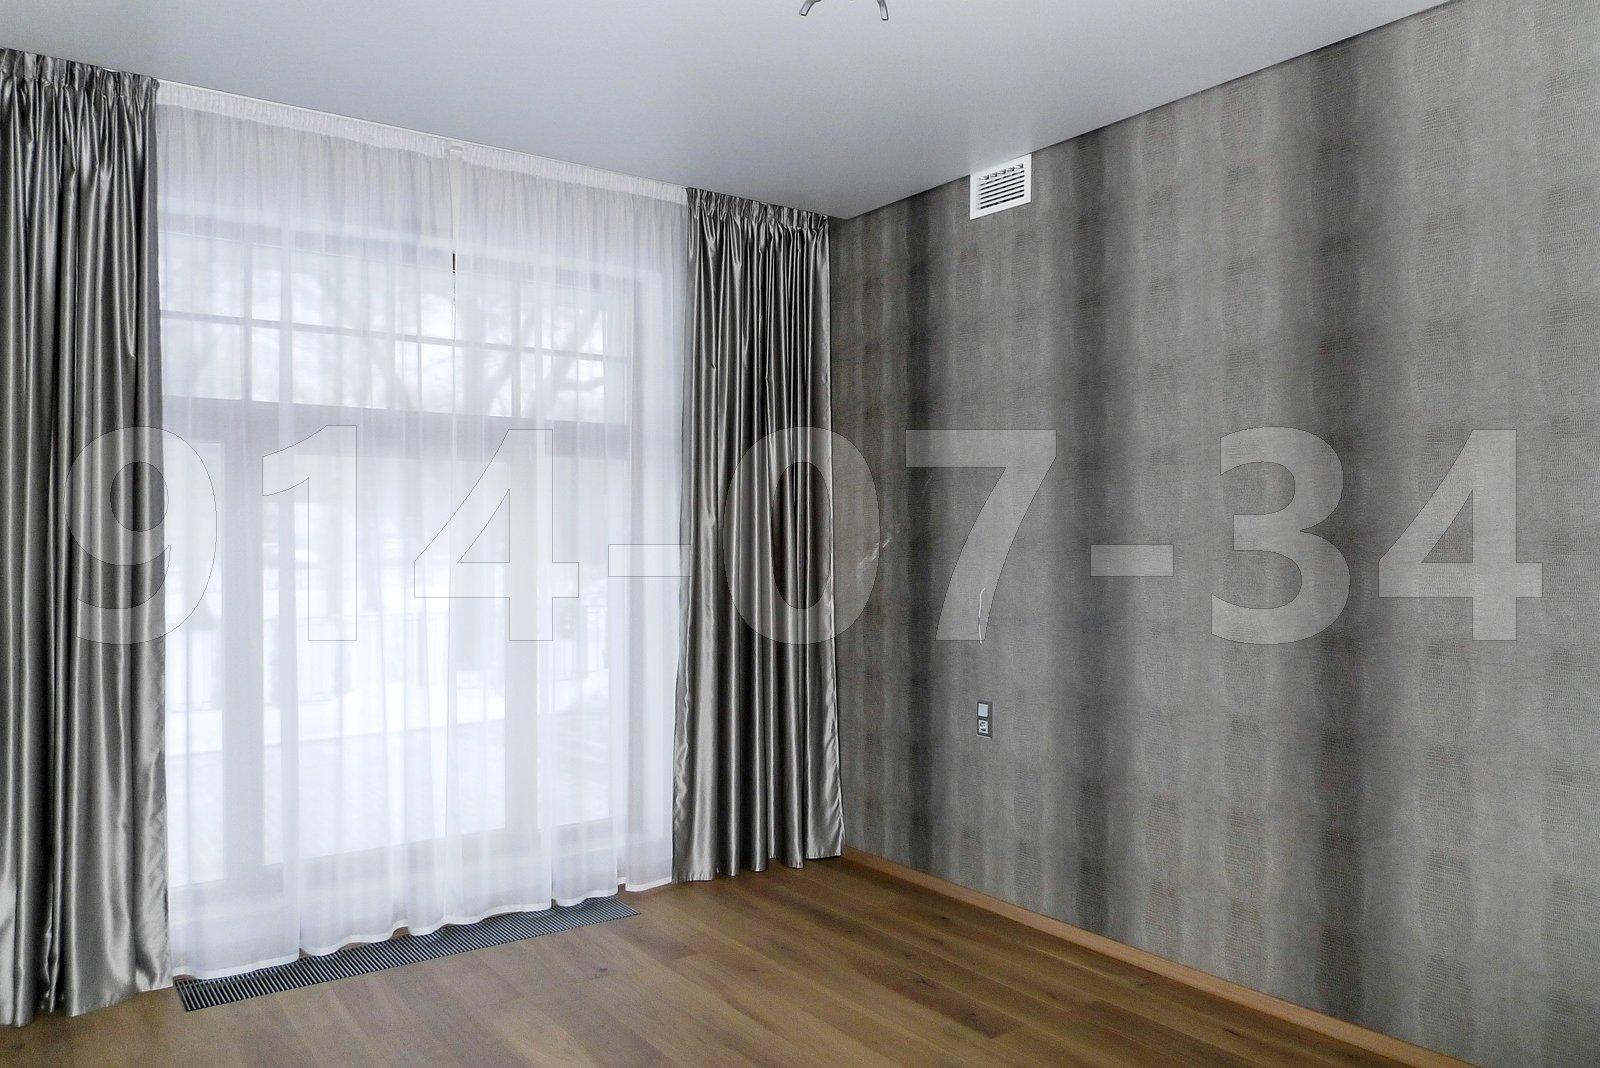 Аренда квартиры на Динамо 6